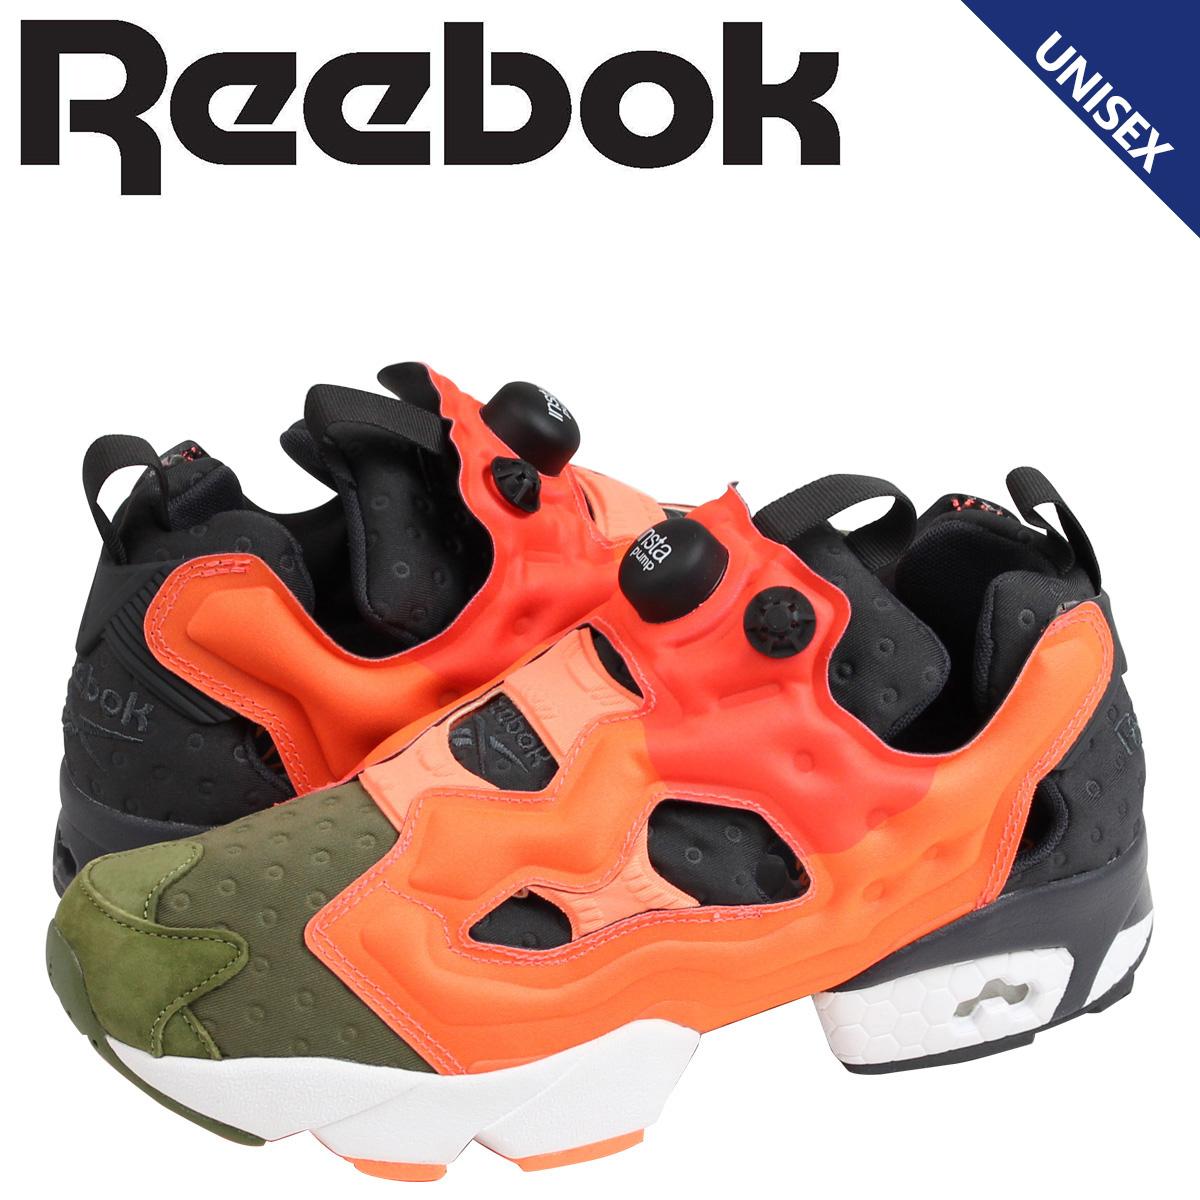 67f2dca8f822 SneaK Online Shop  Reebok Reebok INSTA PUMP FURY OG sneaker insta ...